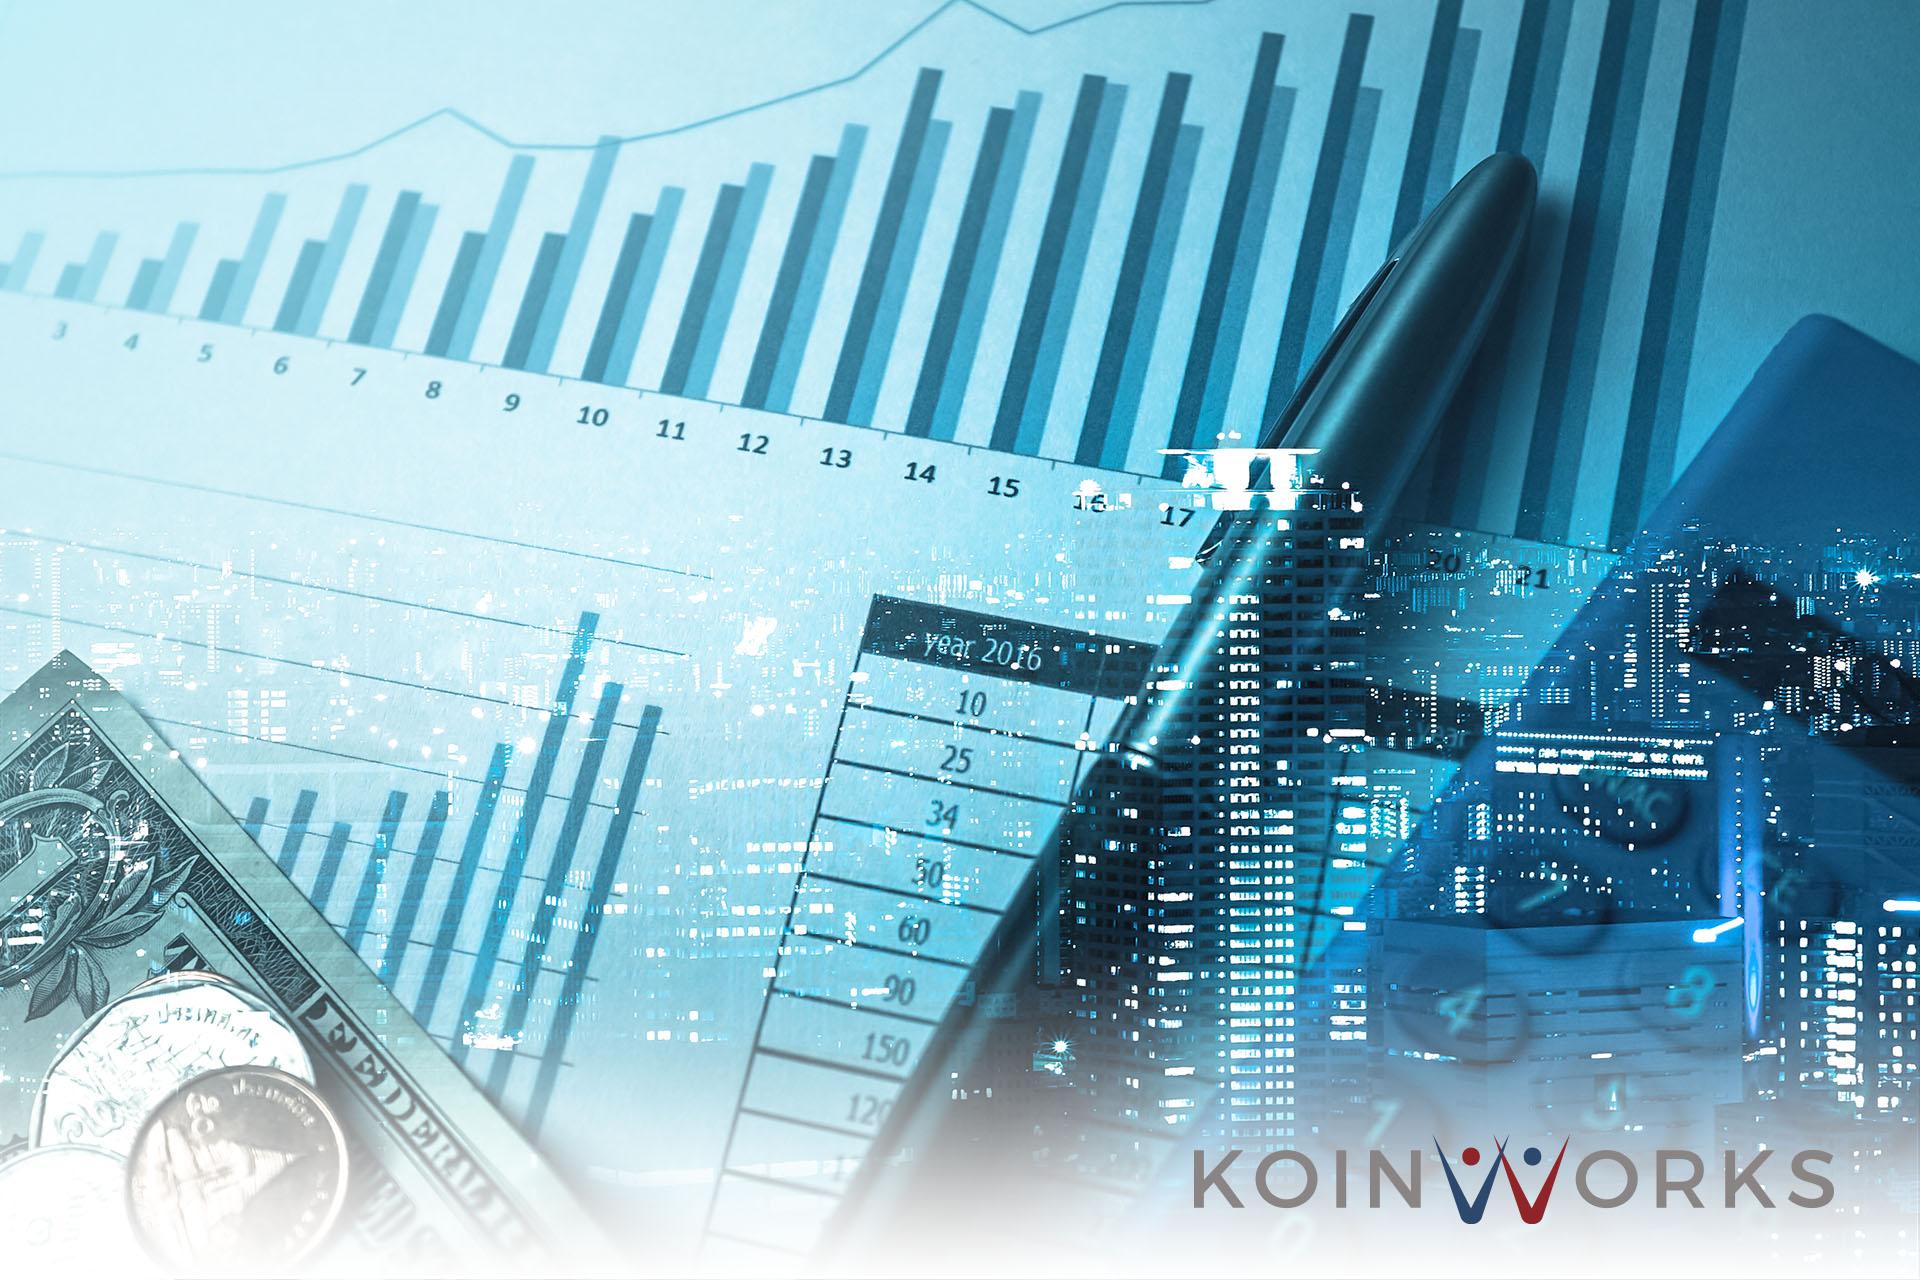 Apa Perbedaan Pengalokasian Dana Saham dan Obligasi? Berikut Penjelasannya...